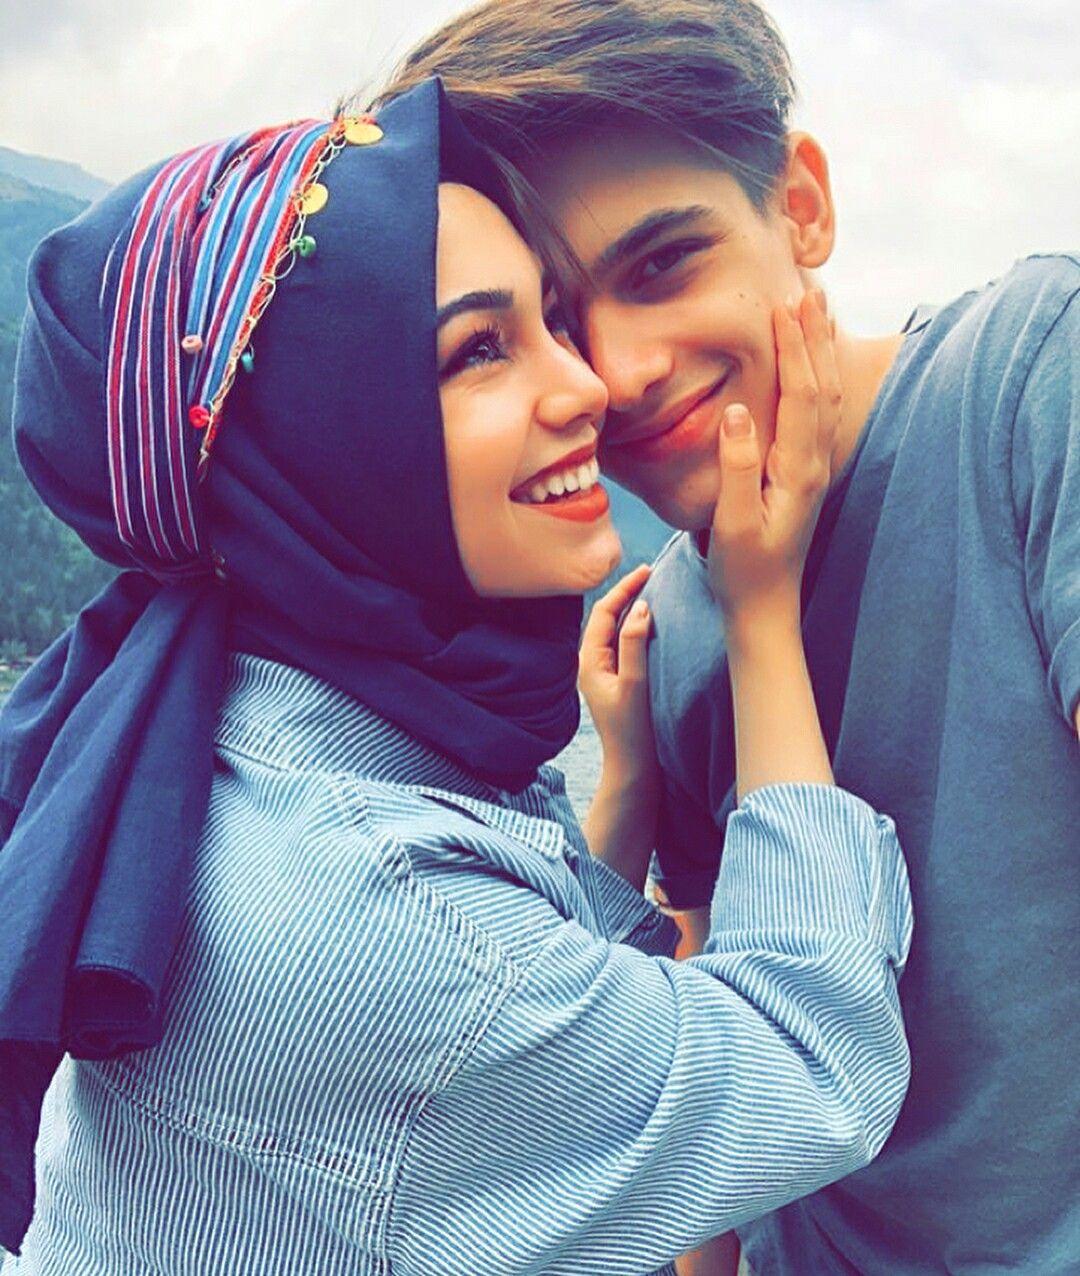 Hackerbacha On Nawwb - Muslim Couple Relationship Goals - 1080x1276  Wallpaper - teahub.io